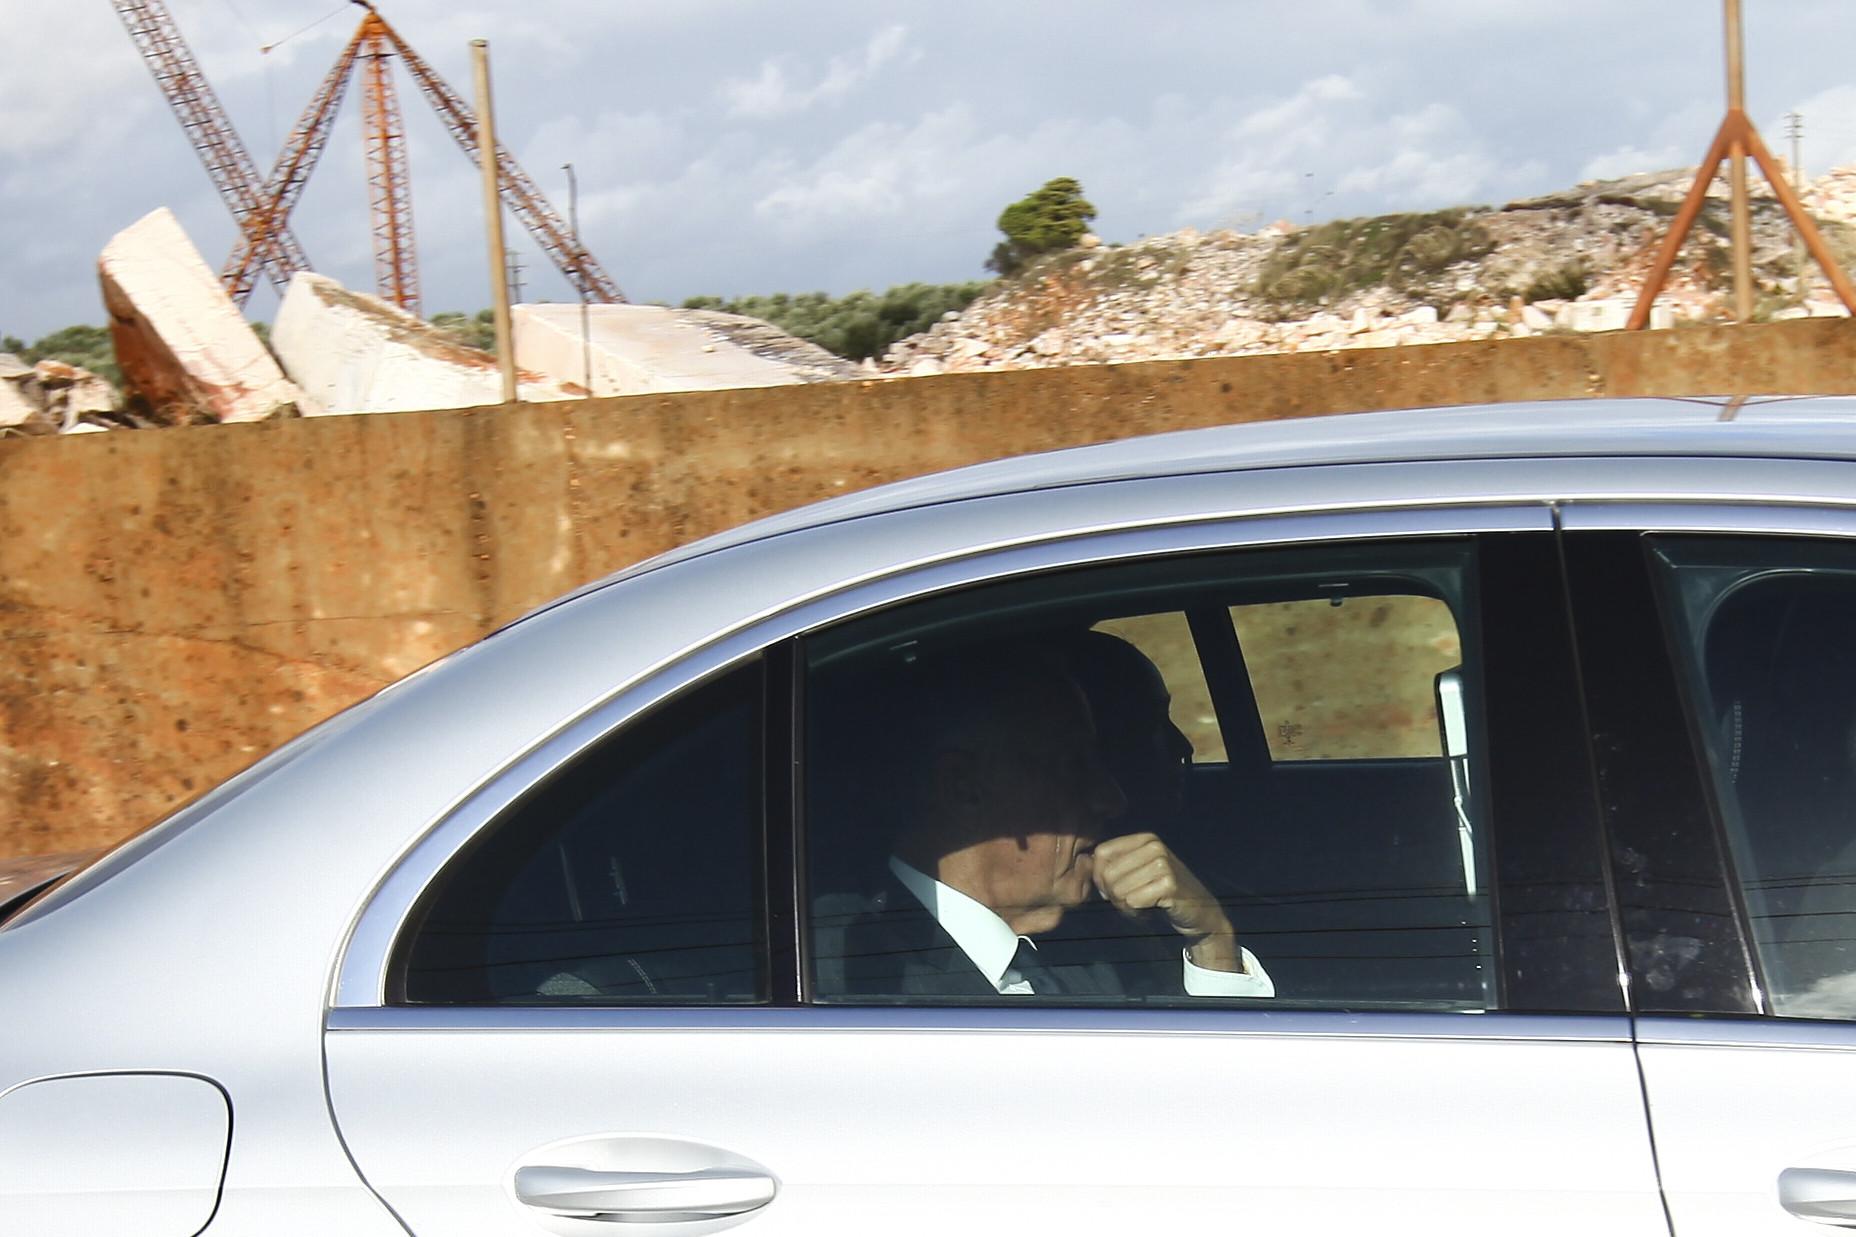 Acidente/Borba: Presidente fez visita 'visita relâmpago' sem declarações